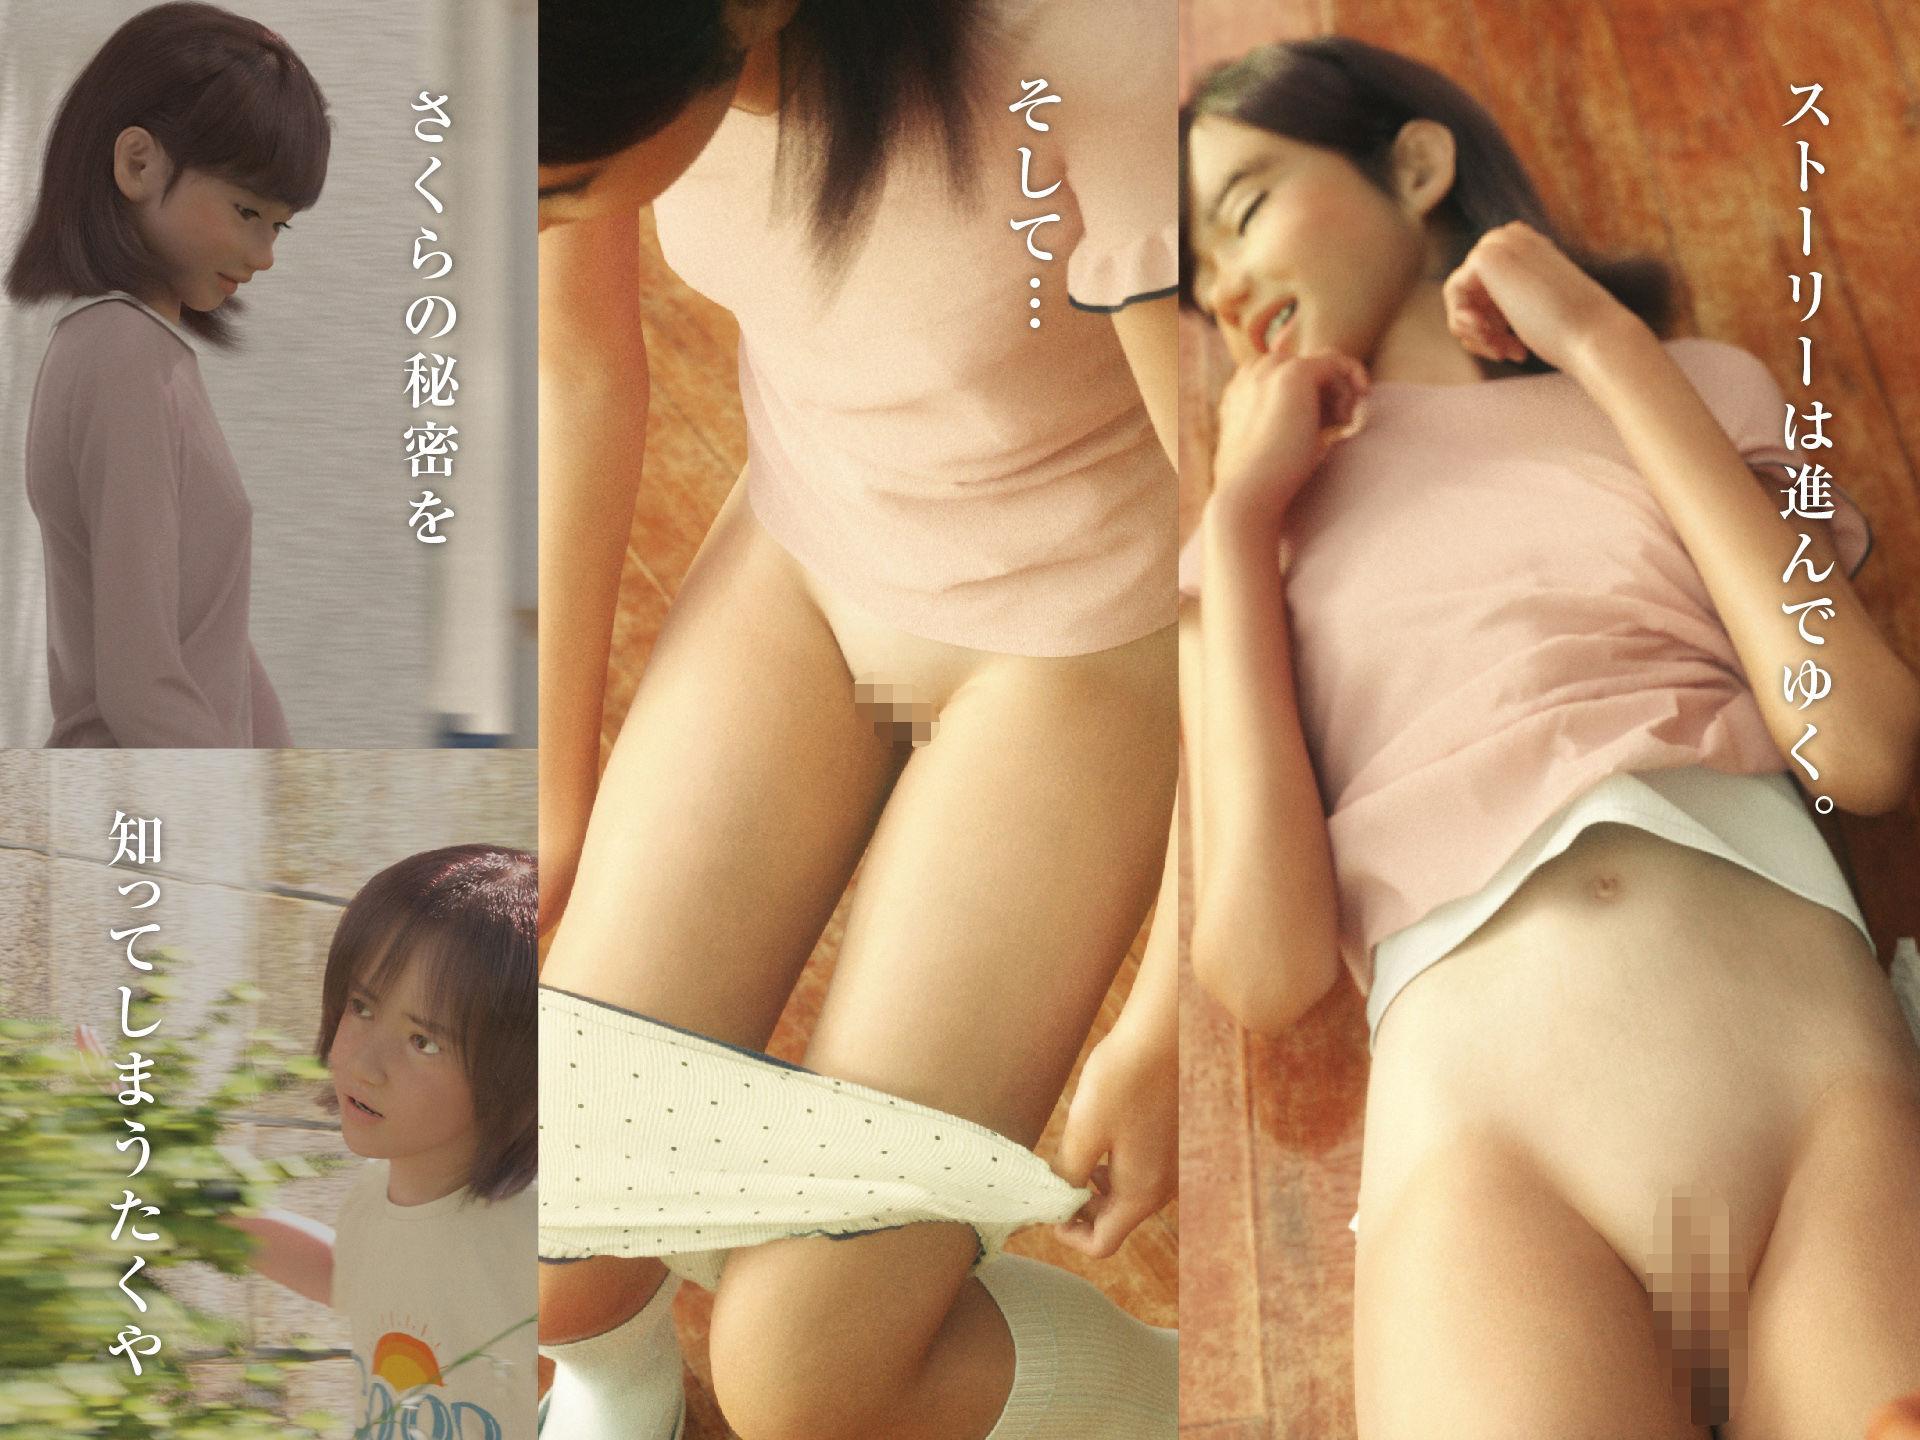 【3DCG】あの夏の変態少女を僕は忘れない たくや×さくらのエロ物語!「サークル:おどうぐばこ」【同人・CG】#3